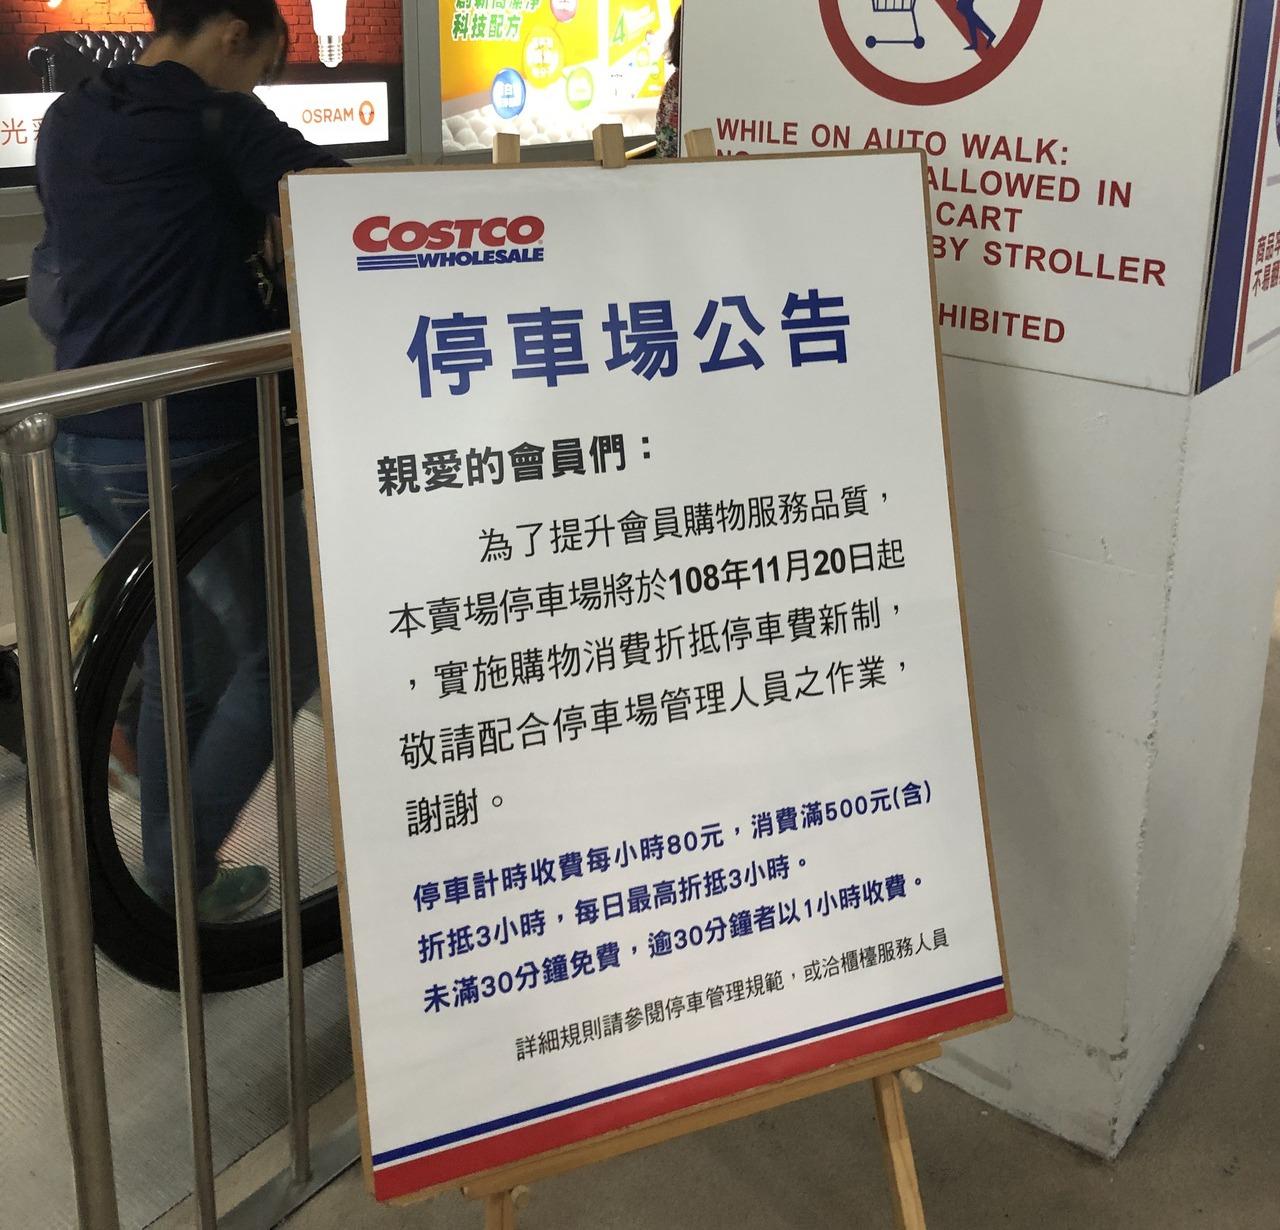 好市多汐止店近日貼出公告表示,自11月20日起實施購物消費折抵停車費新制,讓不少...